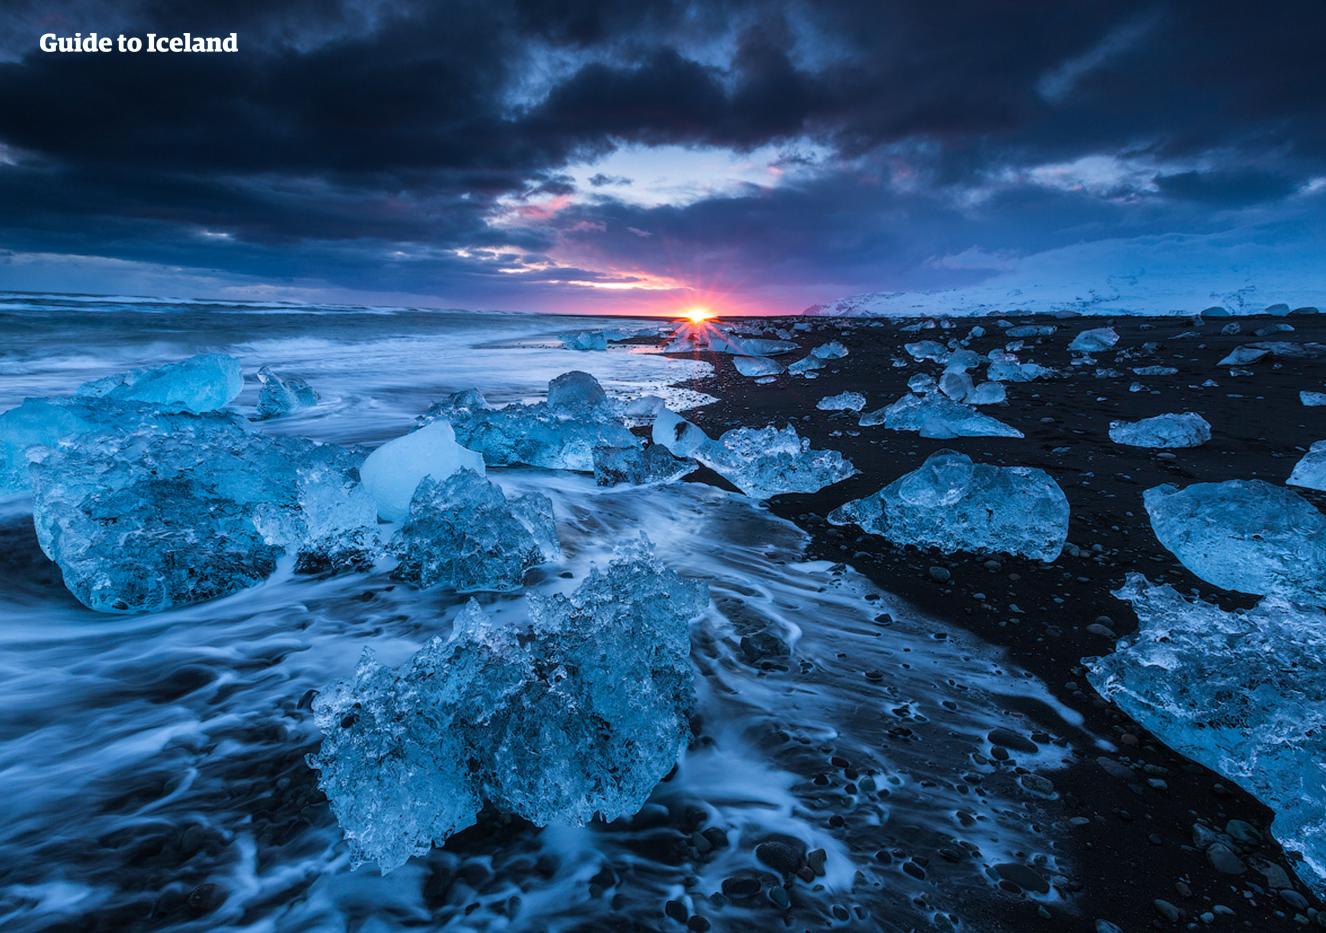 Du kan besøke Diamantstranden og se solen gå ned blant de glitrende isfjellene når du er på en vinterlig leiebiltur.